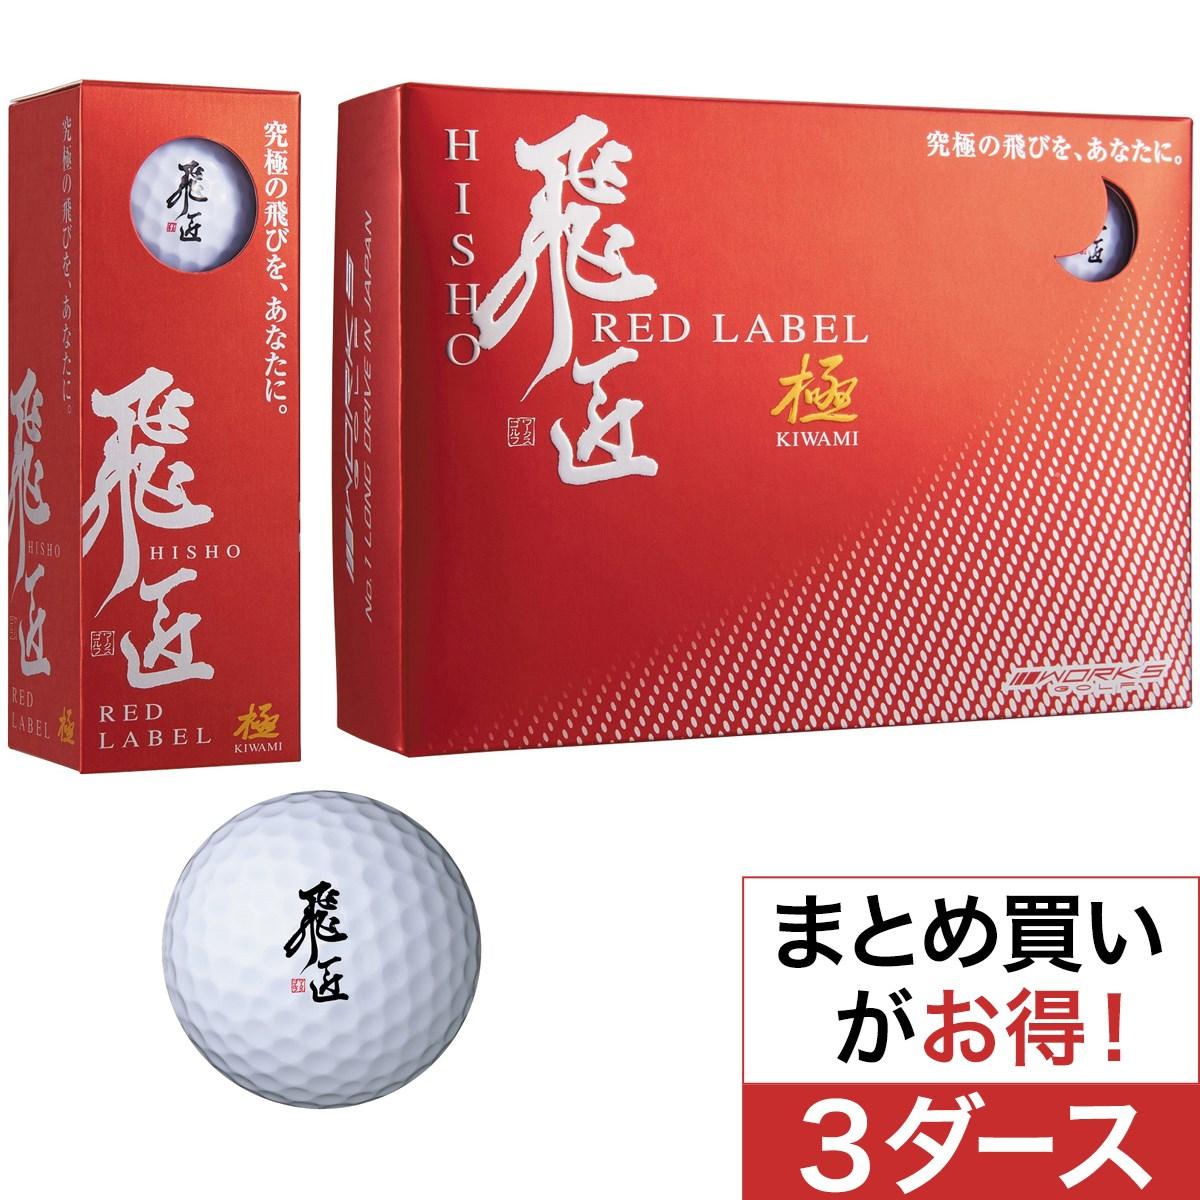 ワークス ゴルフ 飛匠 レッドラベル 極 ボール 3ダースセット【非公認球】